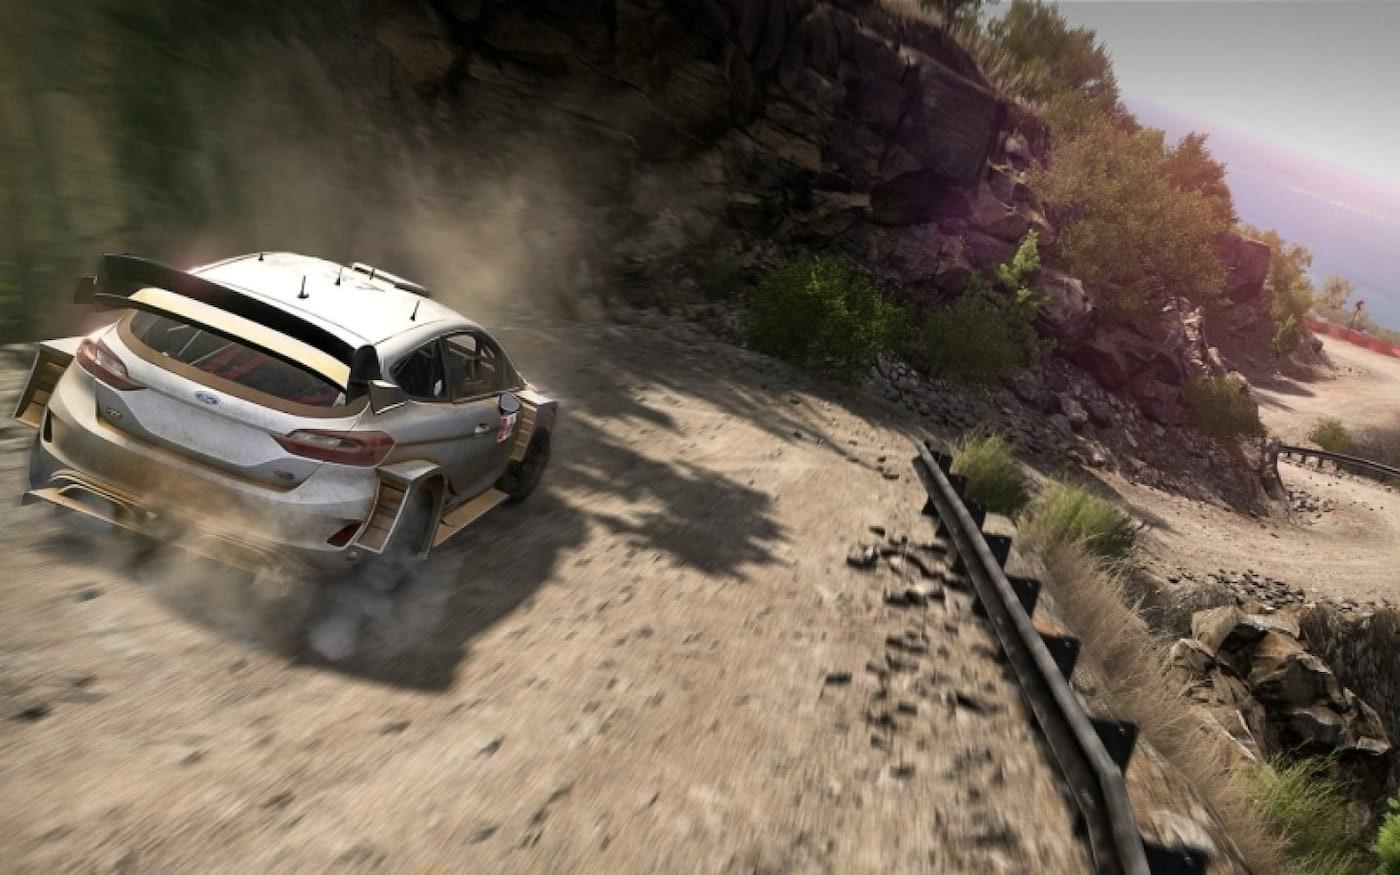 Requisitos mínimos para rodar WRC 8 no PC